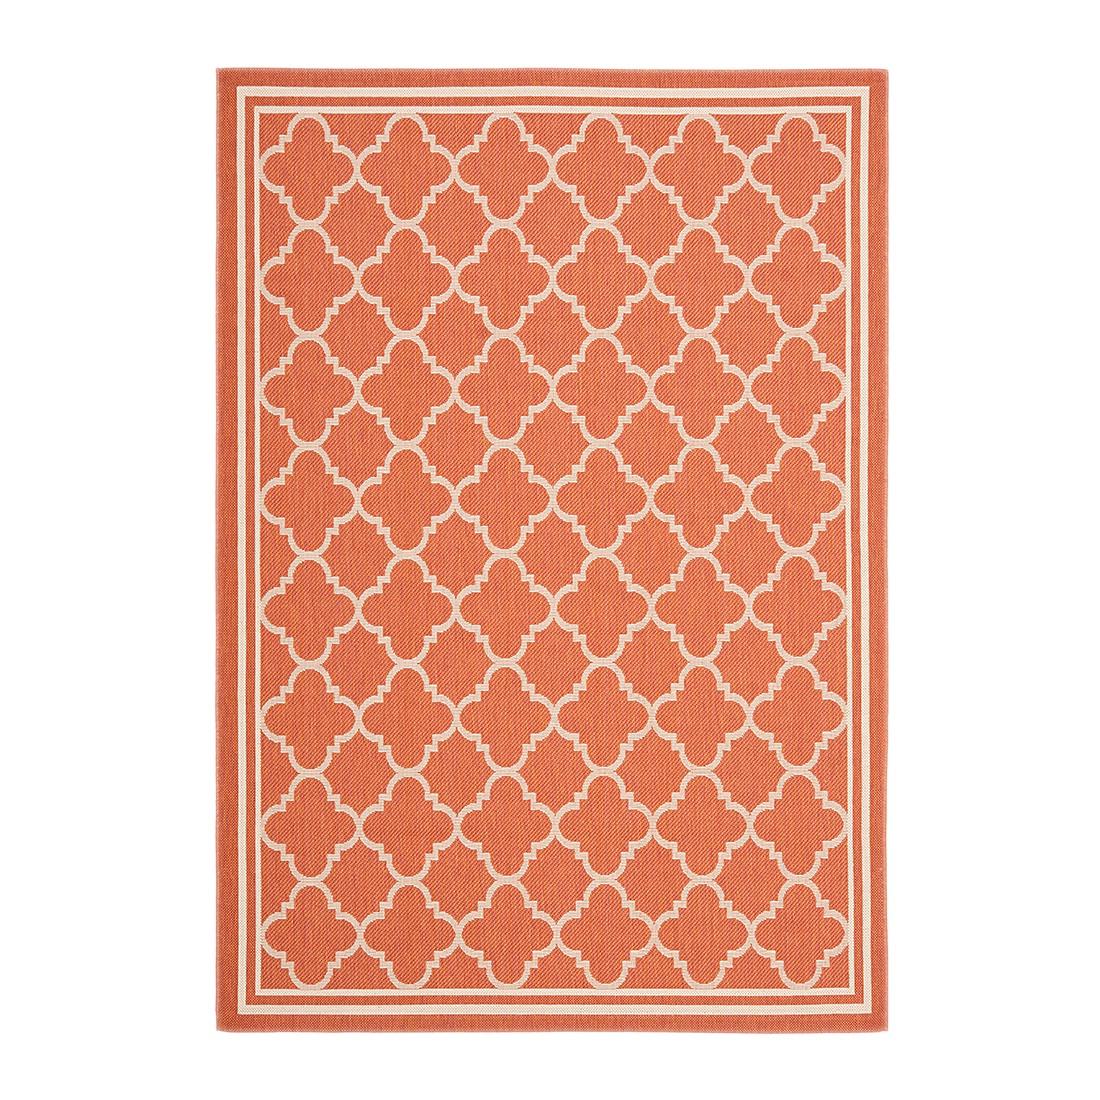 In-/Outdoorteppich Bleeker – Terracotta/Creme – Maße: 60 x 109 cm, Safavieh online bestellen